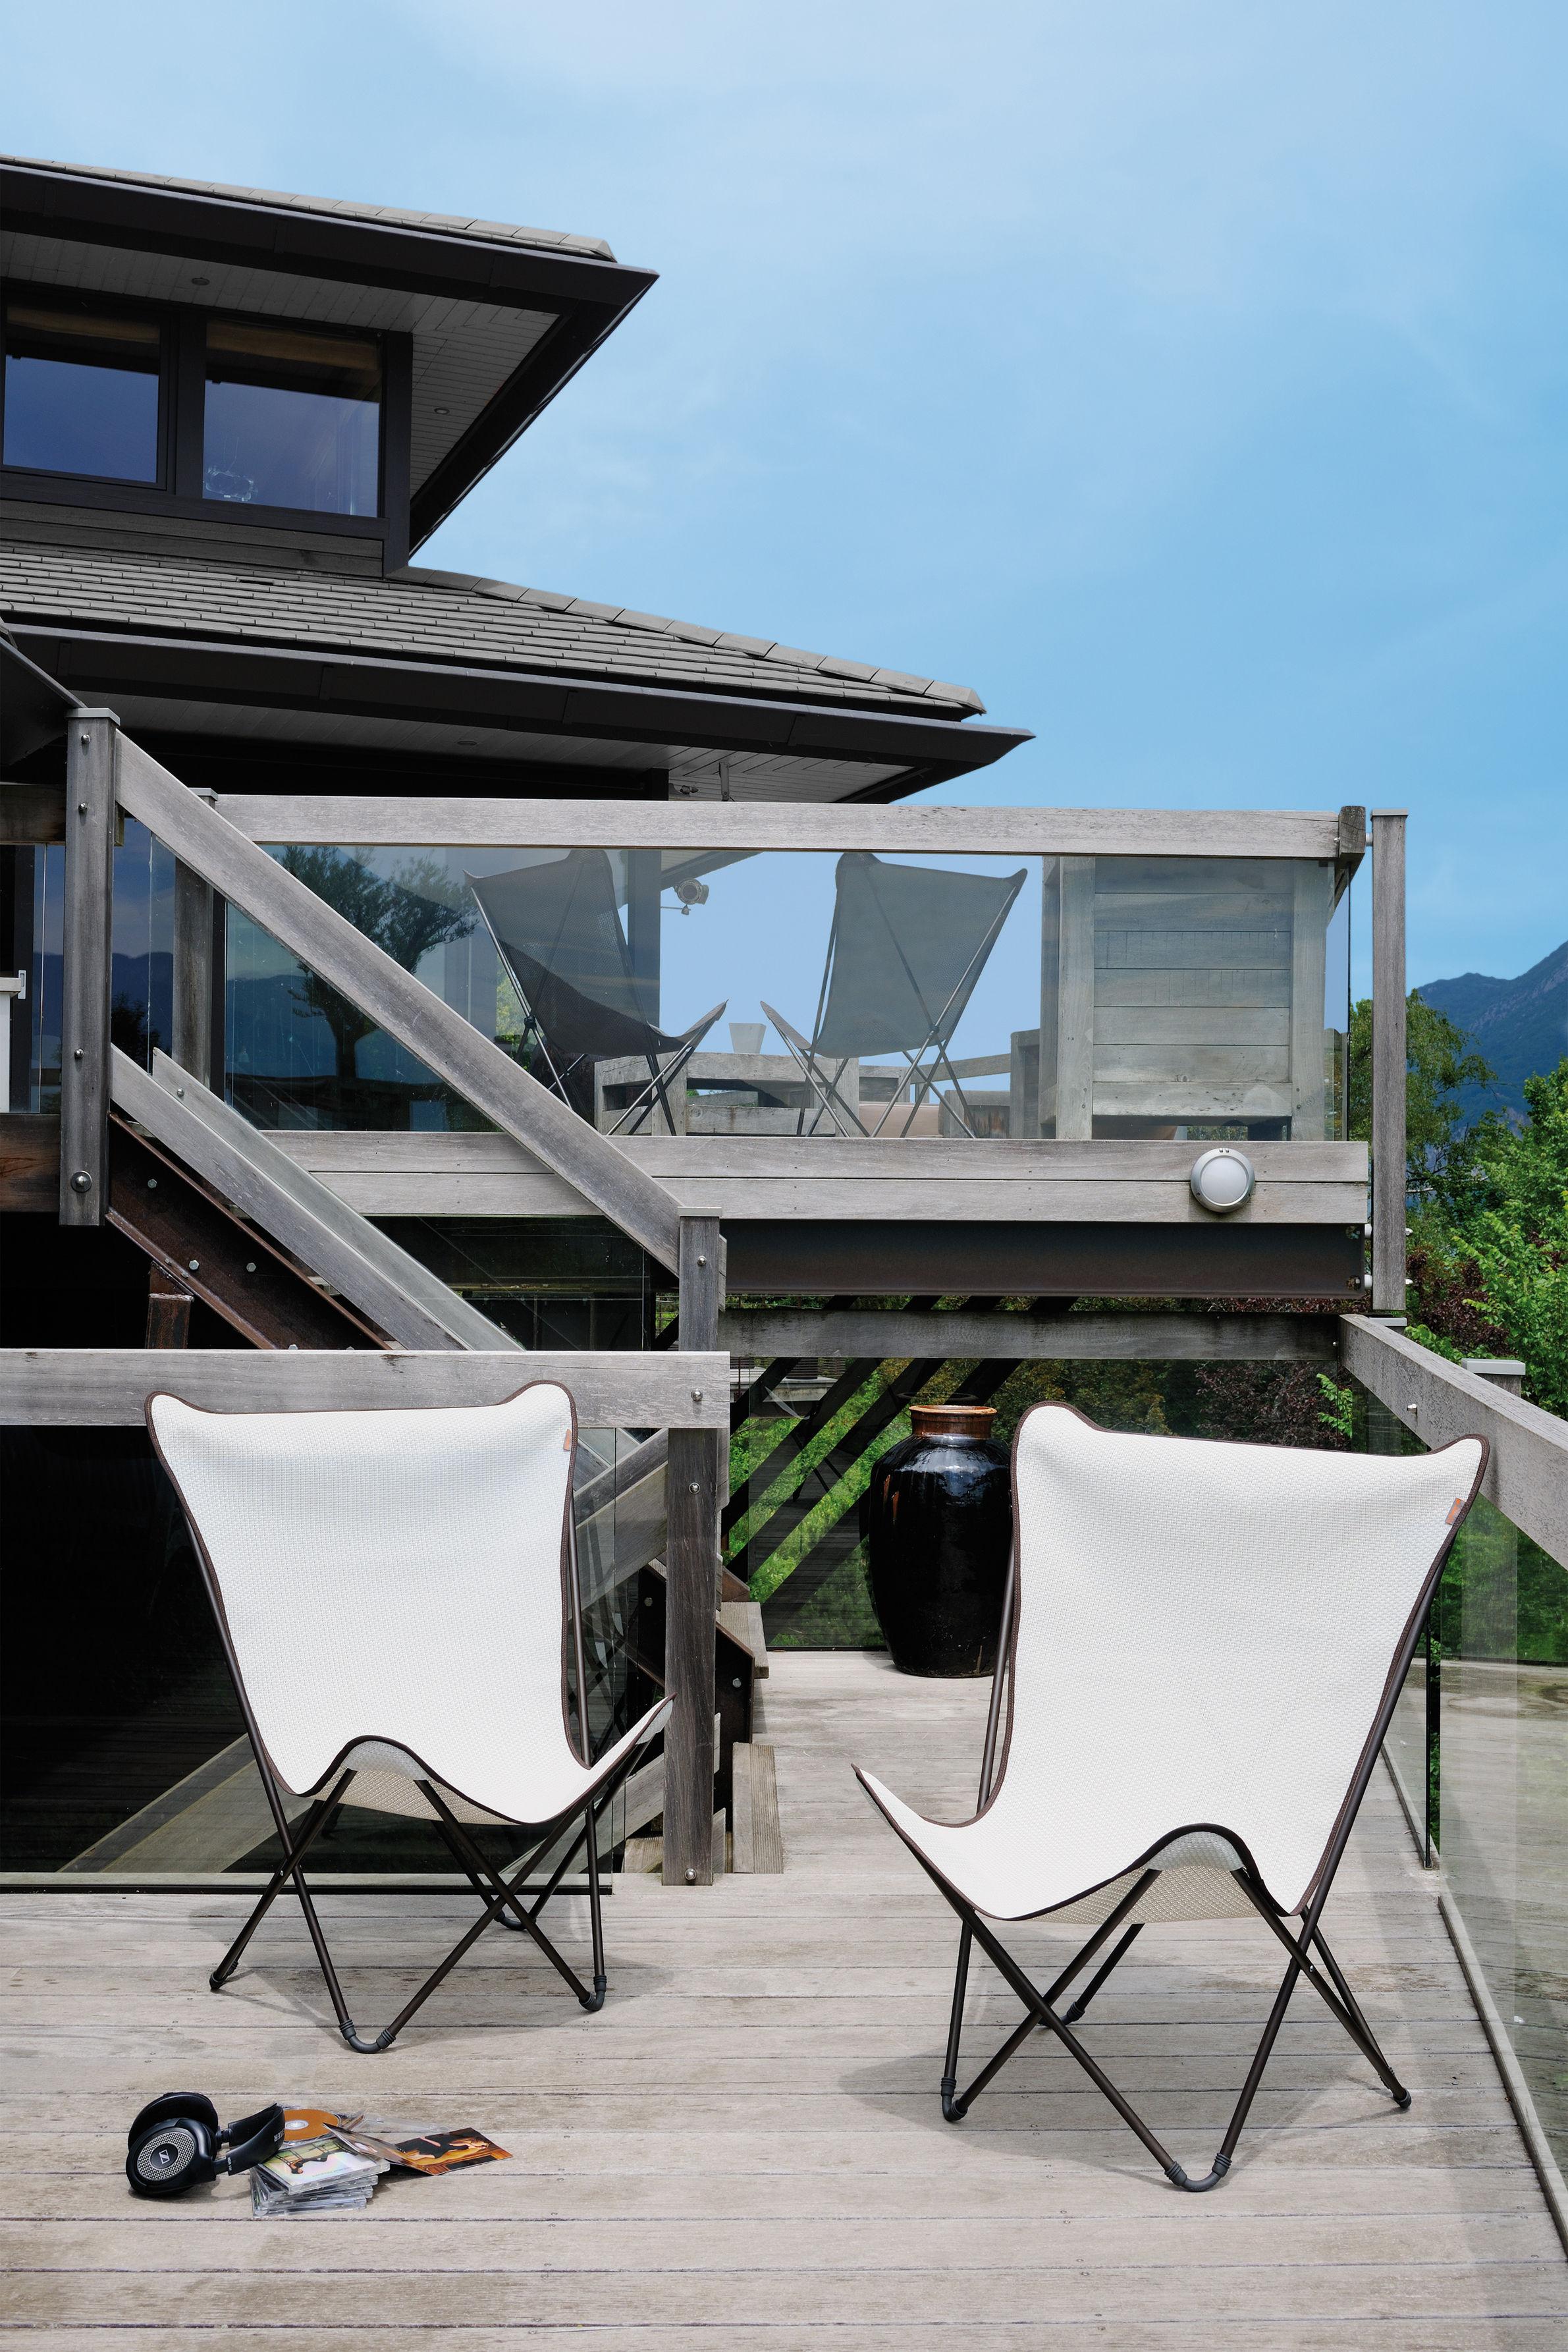 scopri poltrona bassa maxi pop up pieghevole anice di. Black Bedroom Furniture Sets. Home Design Ideas